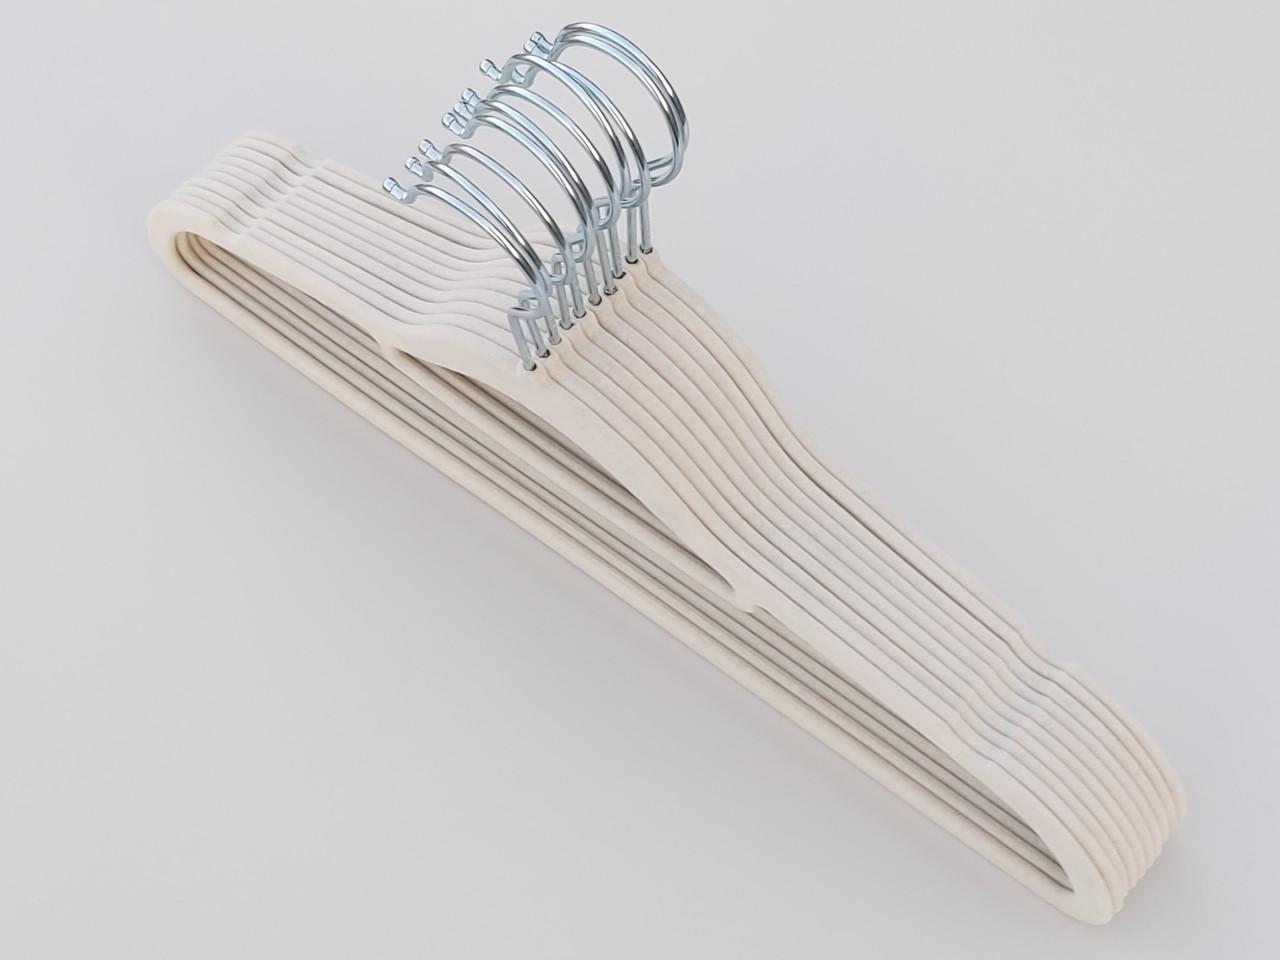 Плечики длина 41,5 см, в упаковке 10 штук, бежевого цвета, тремпеля вешалки флокированные